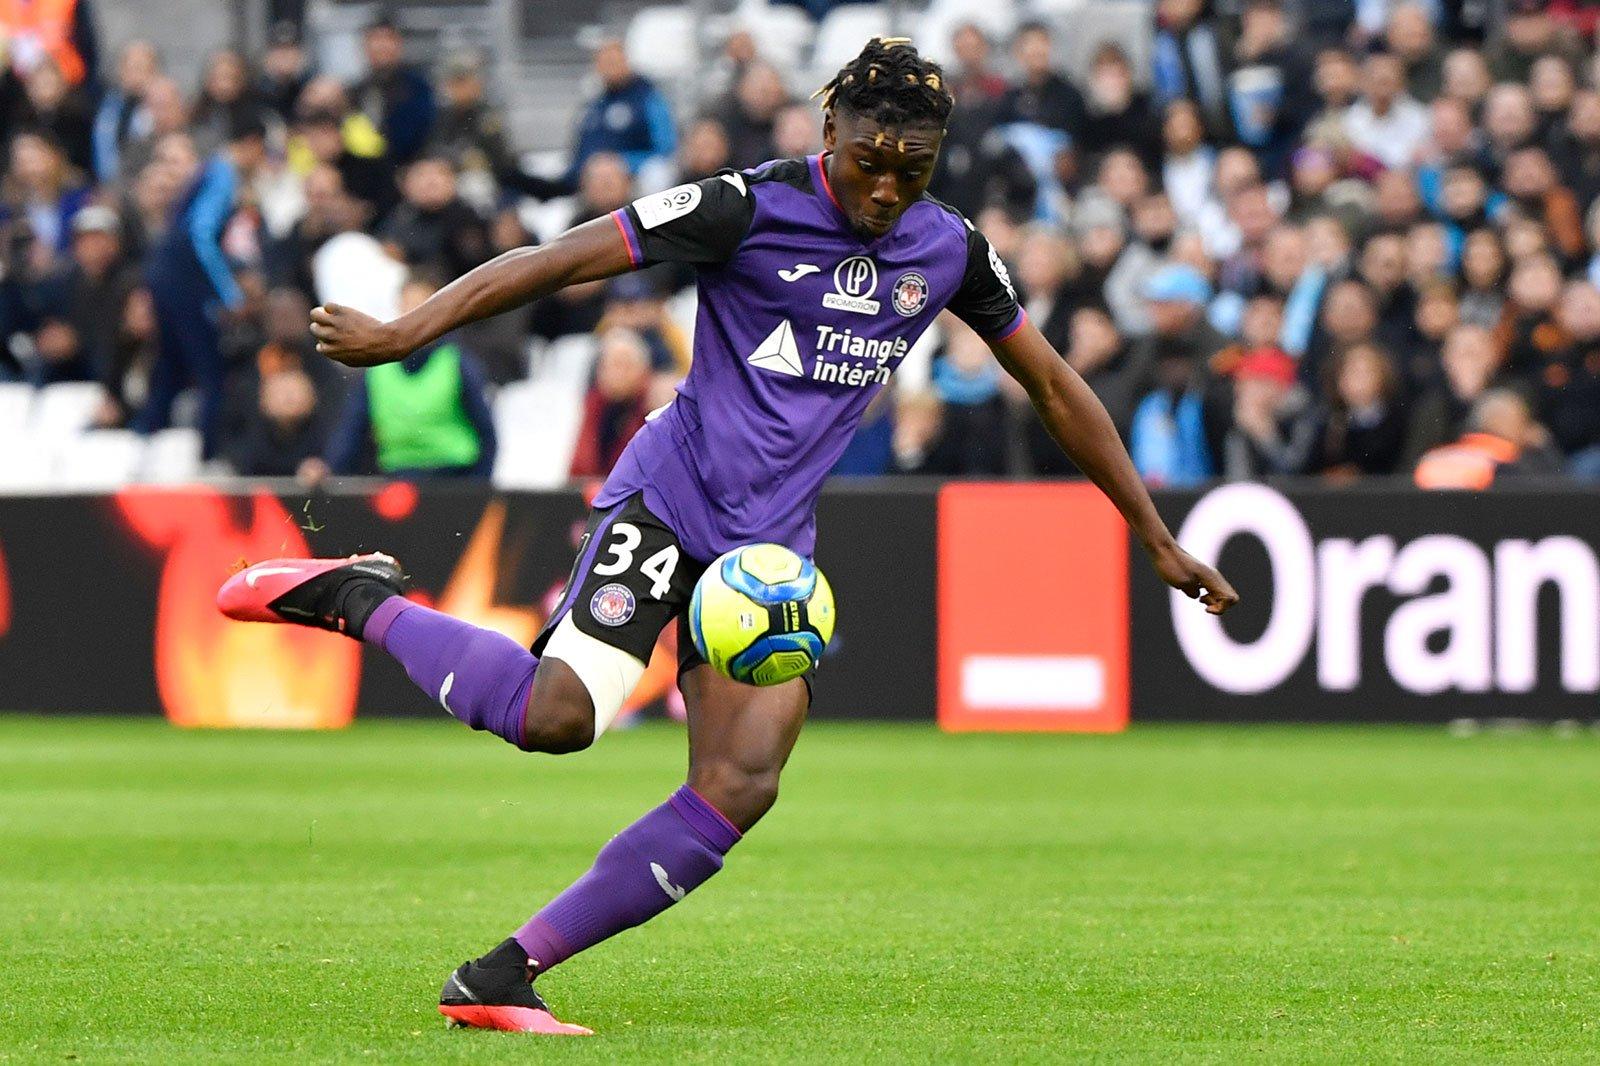 تولوز/هافبک فرانسوی/Toulouse/French midfielder